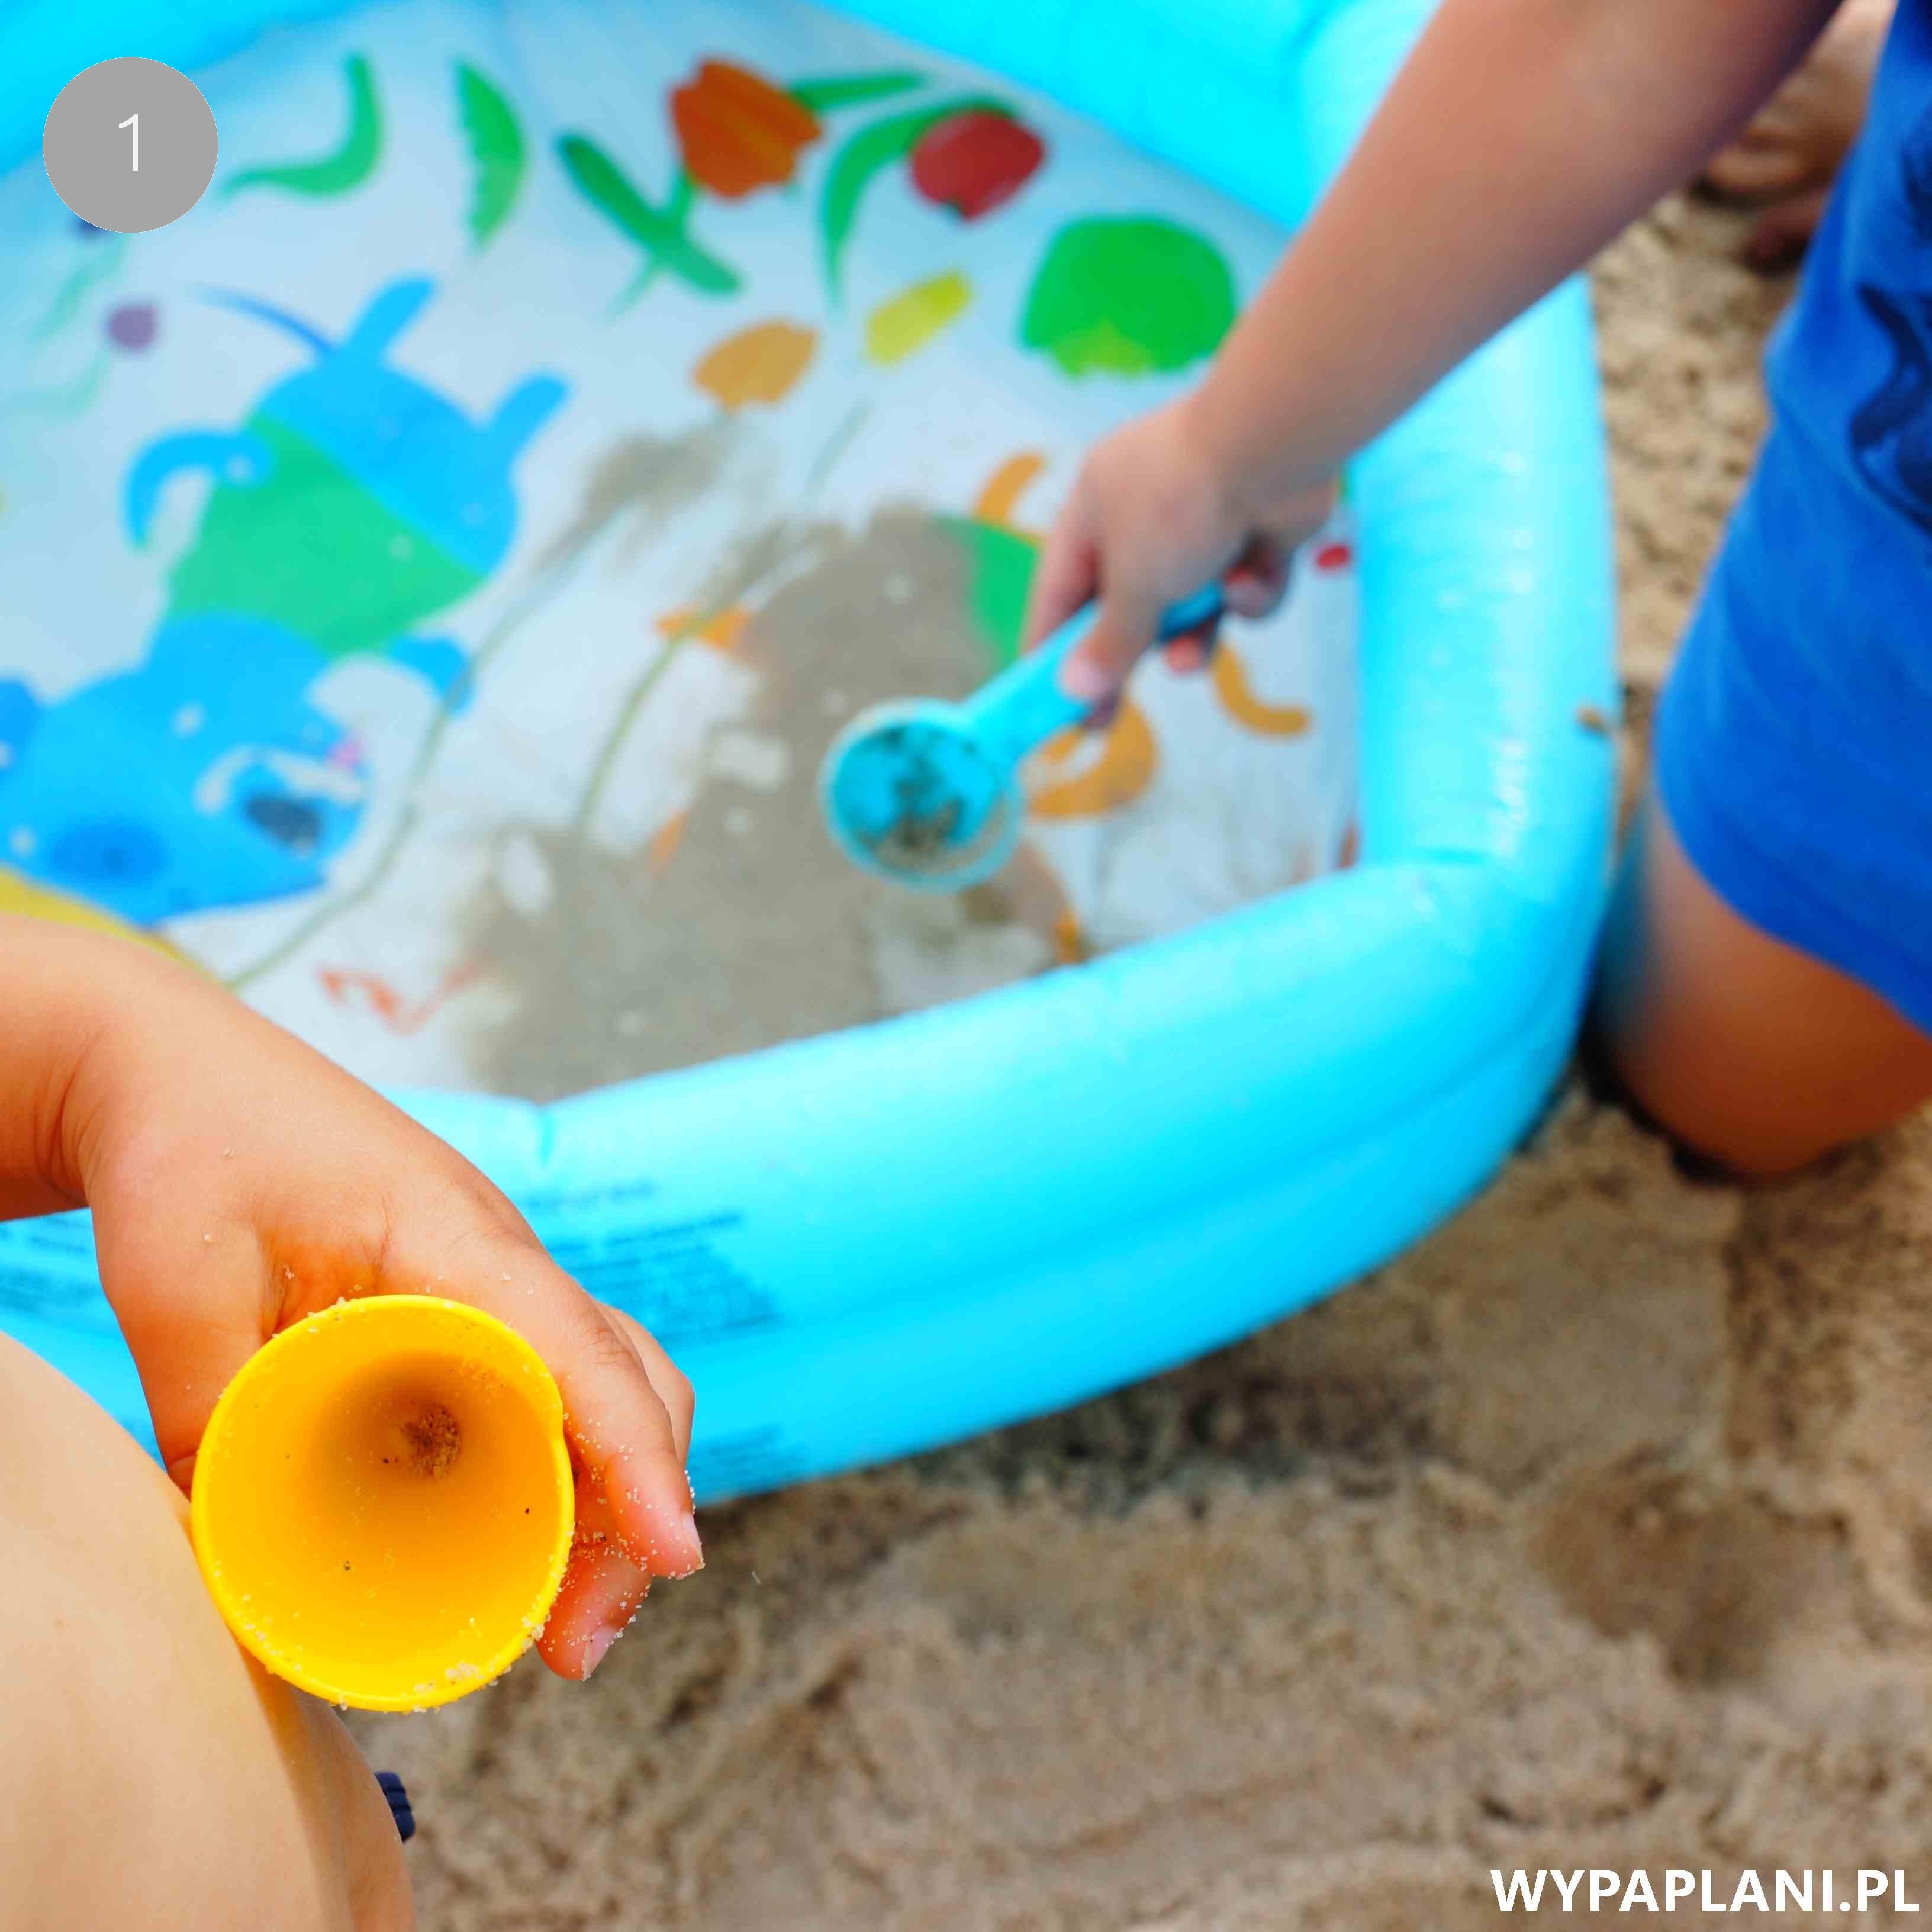 007_top zabawki do piasku piaskownicy na plażę